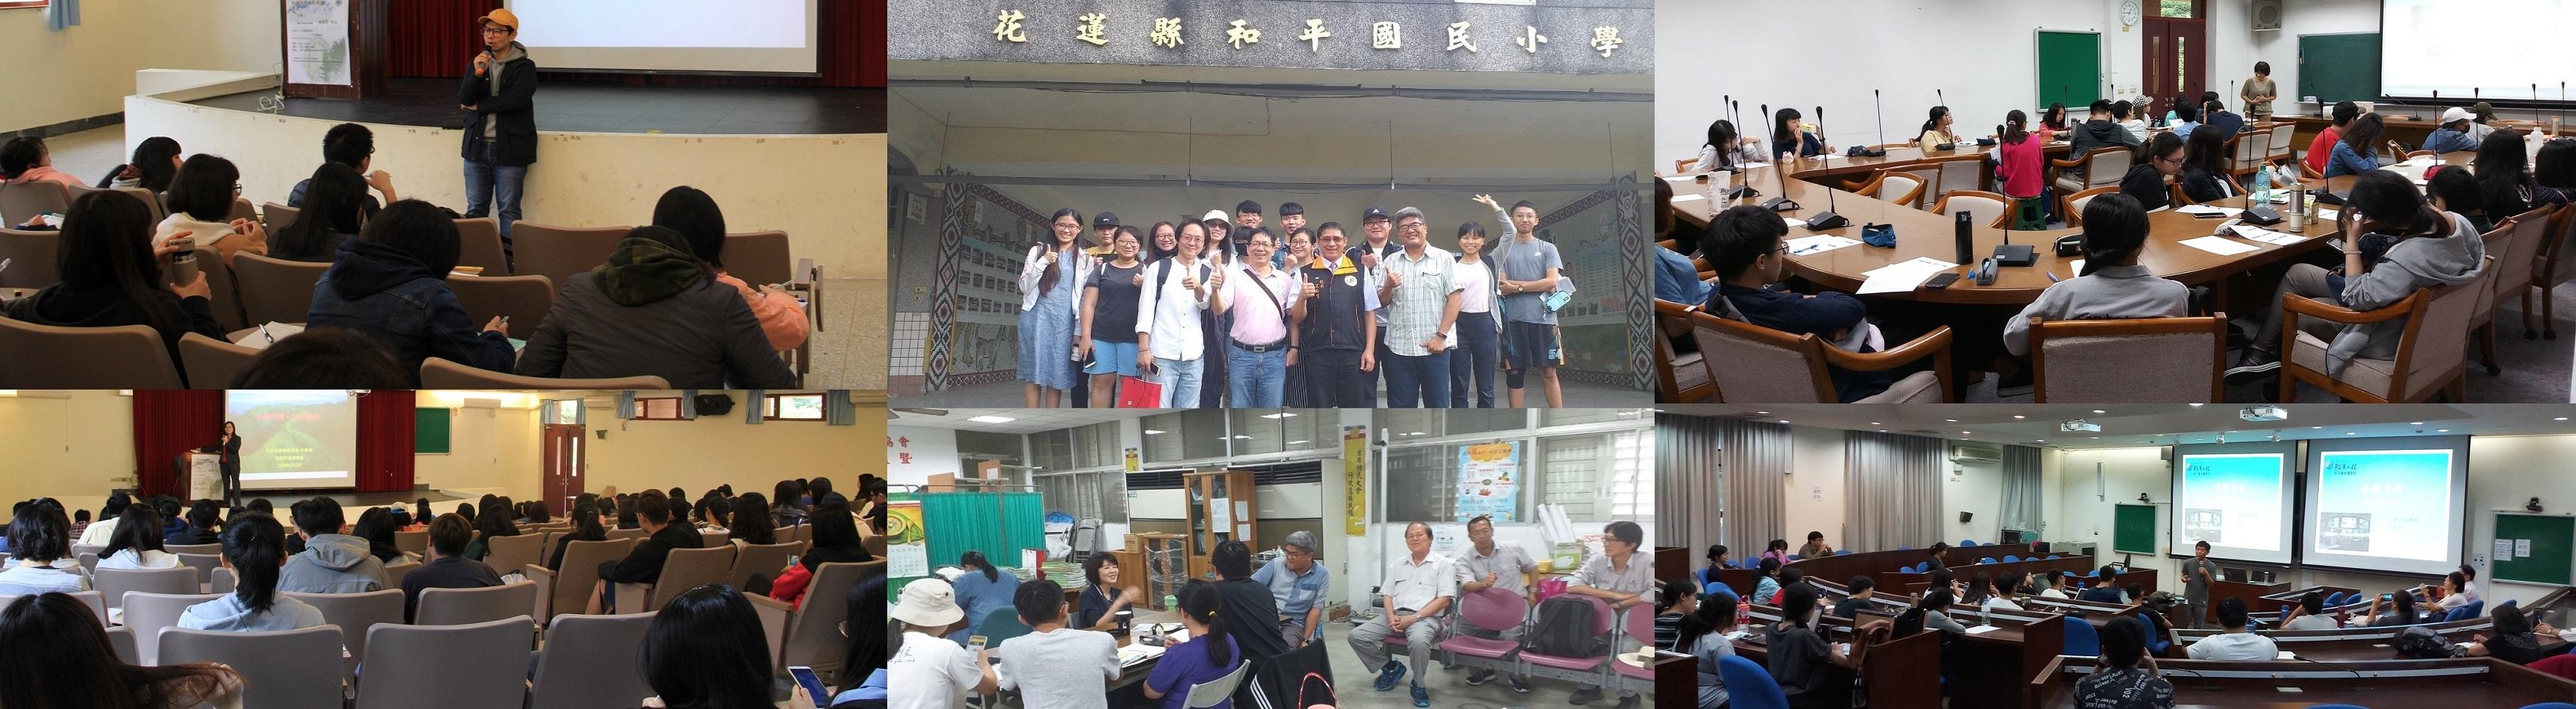 人文社會科學學院107學年度第2學期重點活動